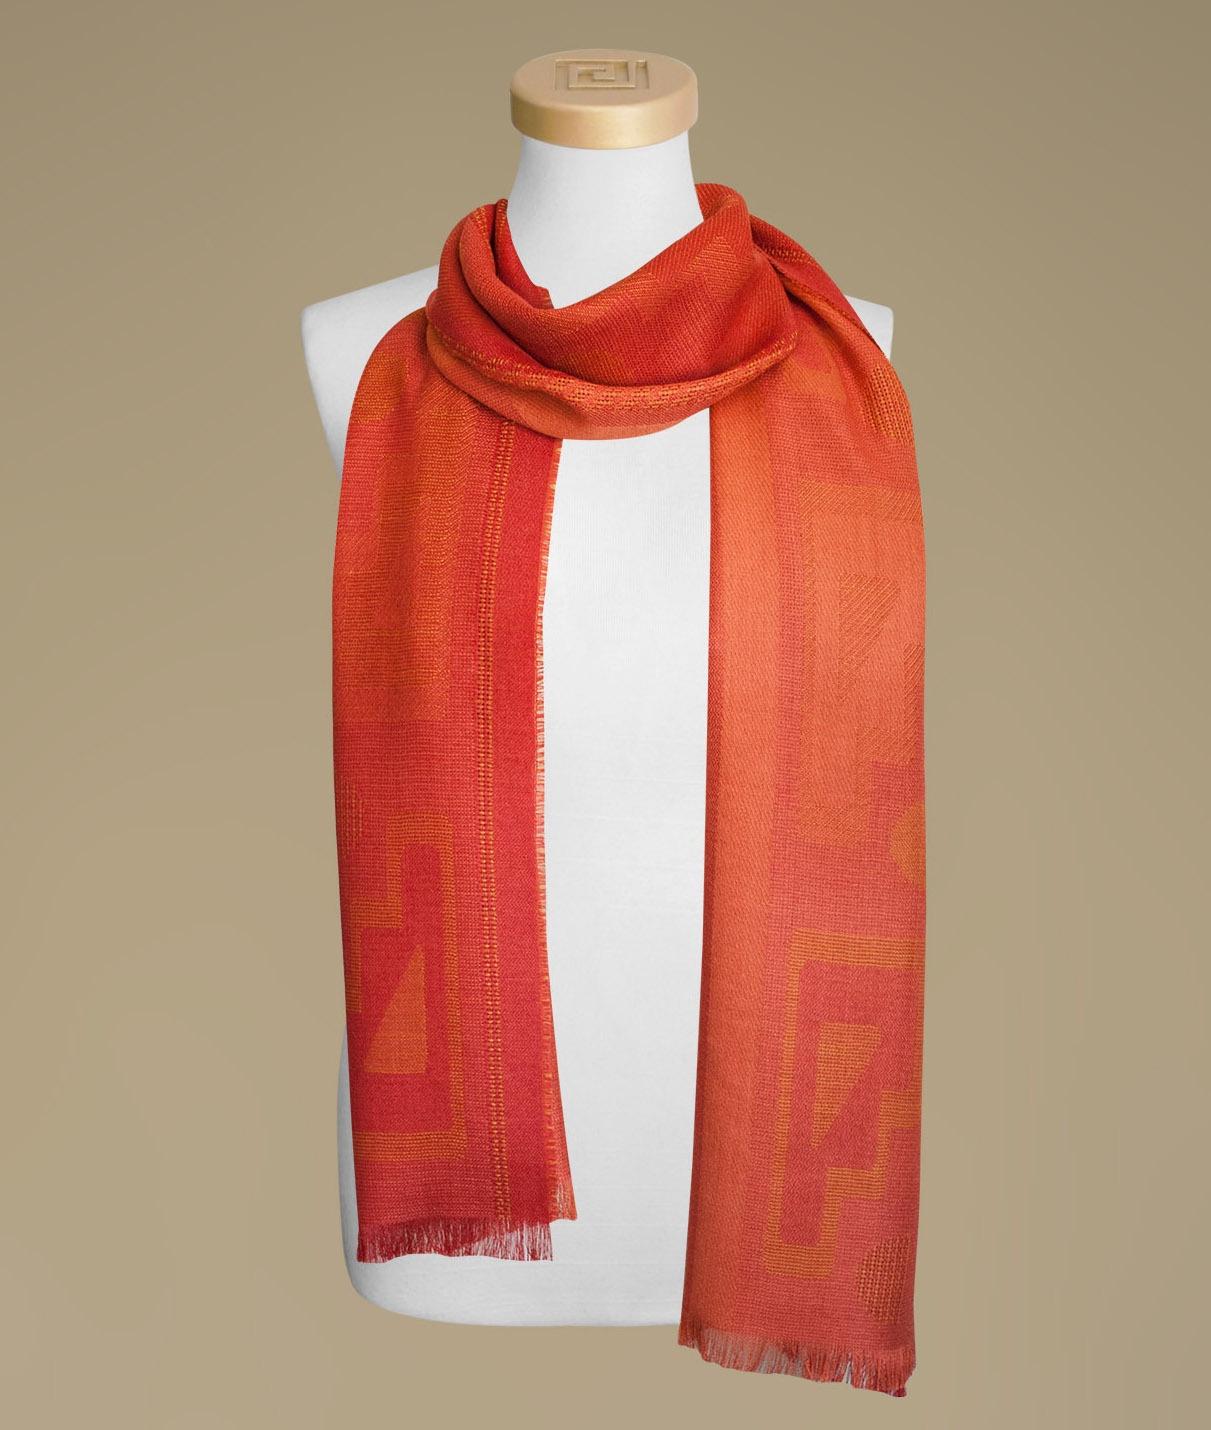 Mochica - El poder scarf C001